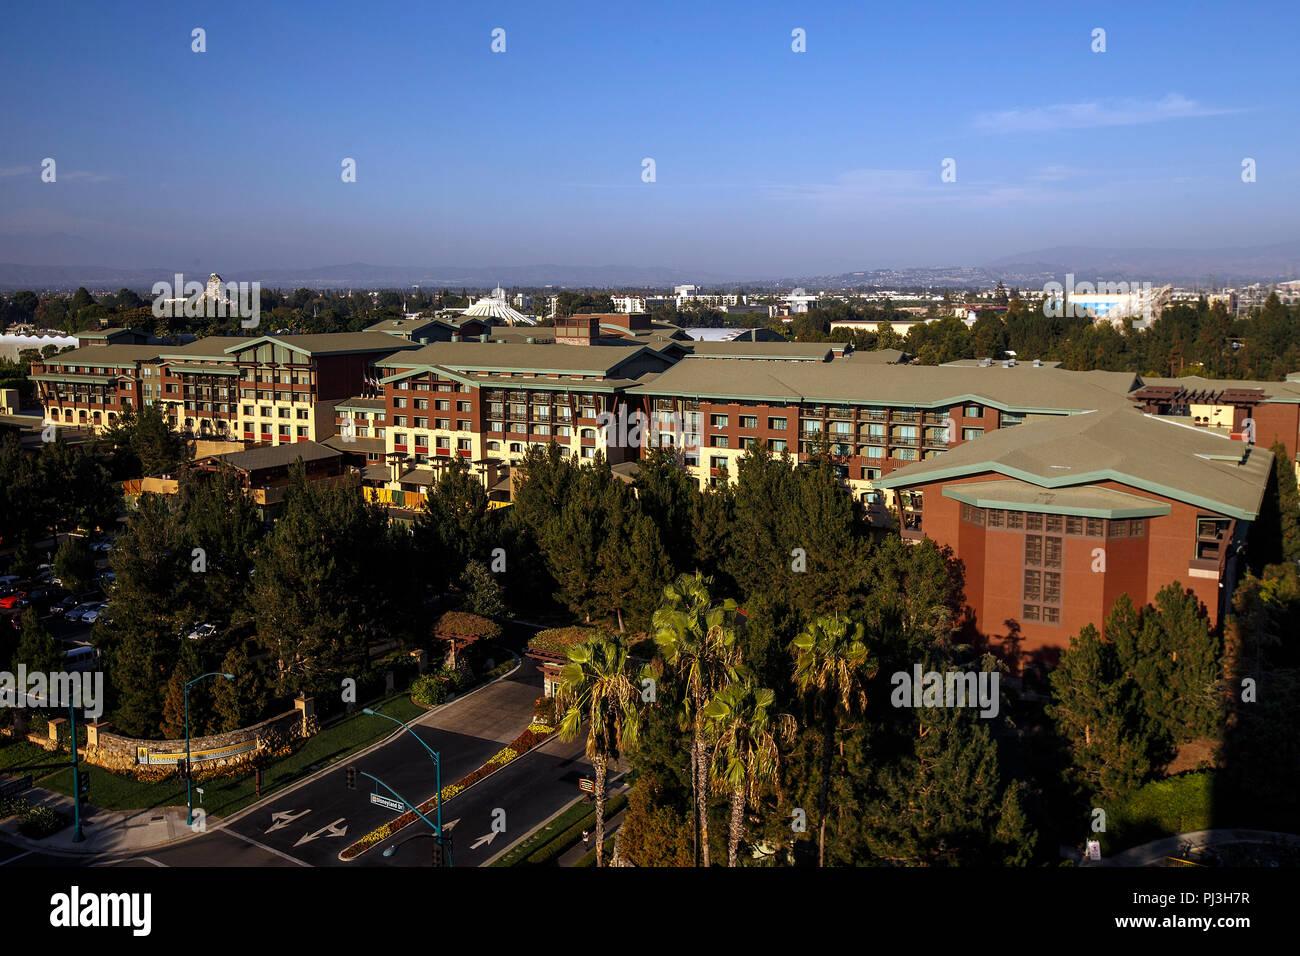 Disneyland Resort Hotel Anaheim Stockfotos Und Bilder Kaufen Alamy